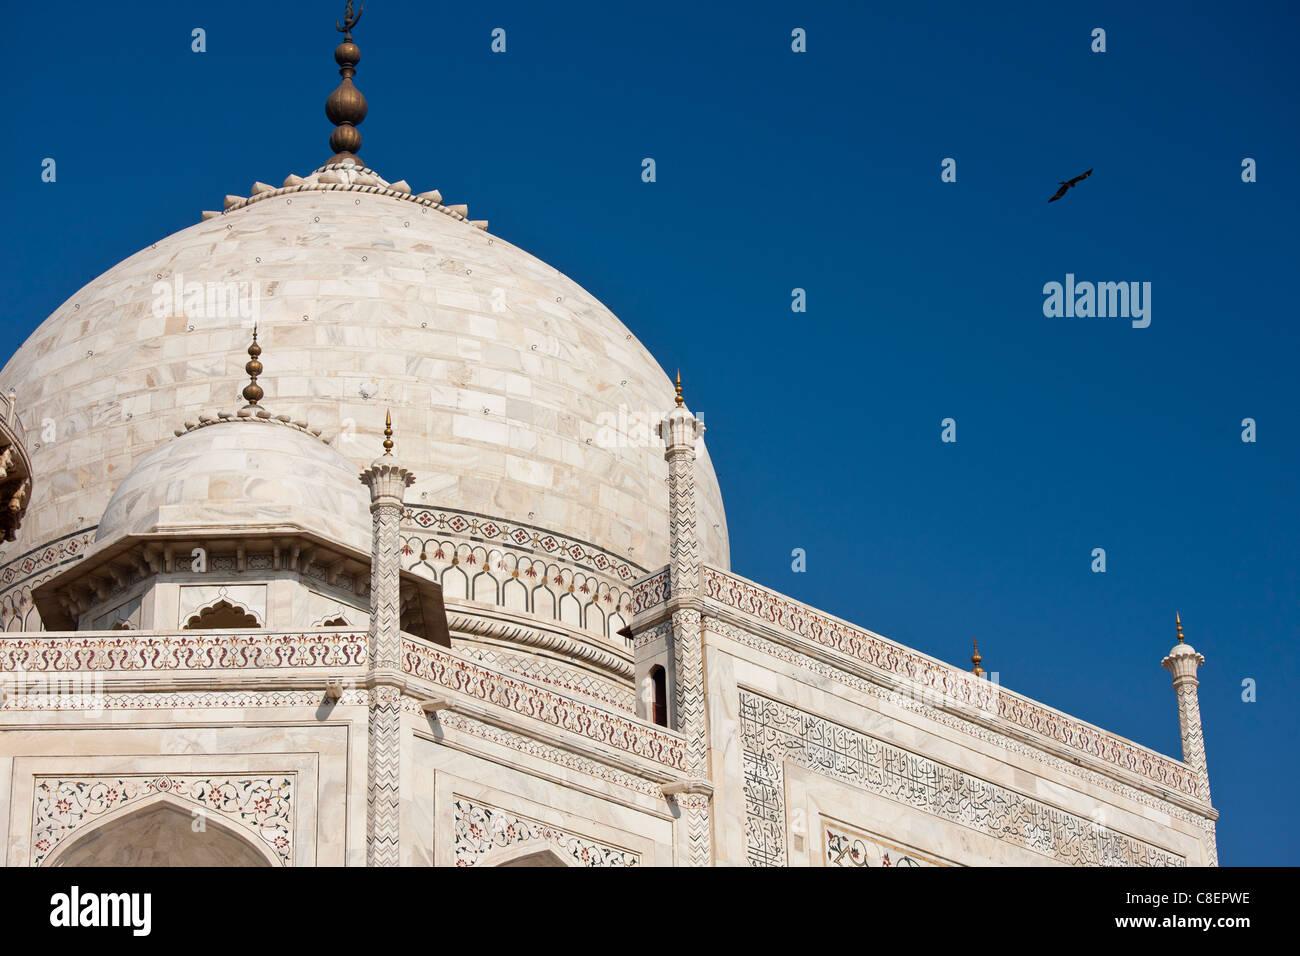 El mausoleo de Taj Mahal con pájaros volando alrededor de la cúpula, el sur ver detalle, Uttar Pradesh, Imagen De Stock